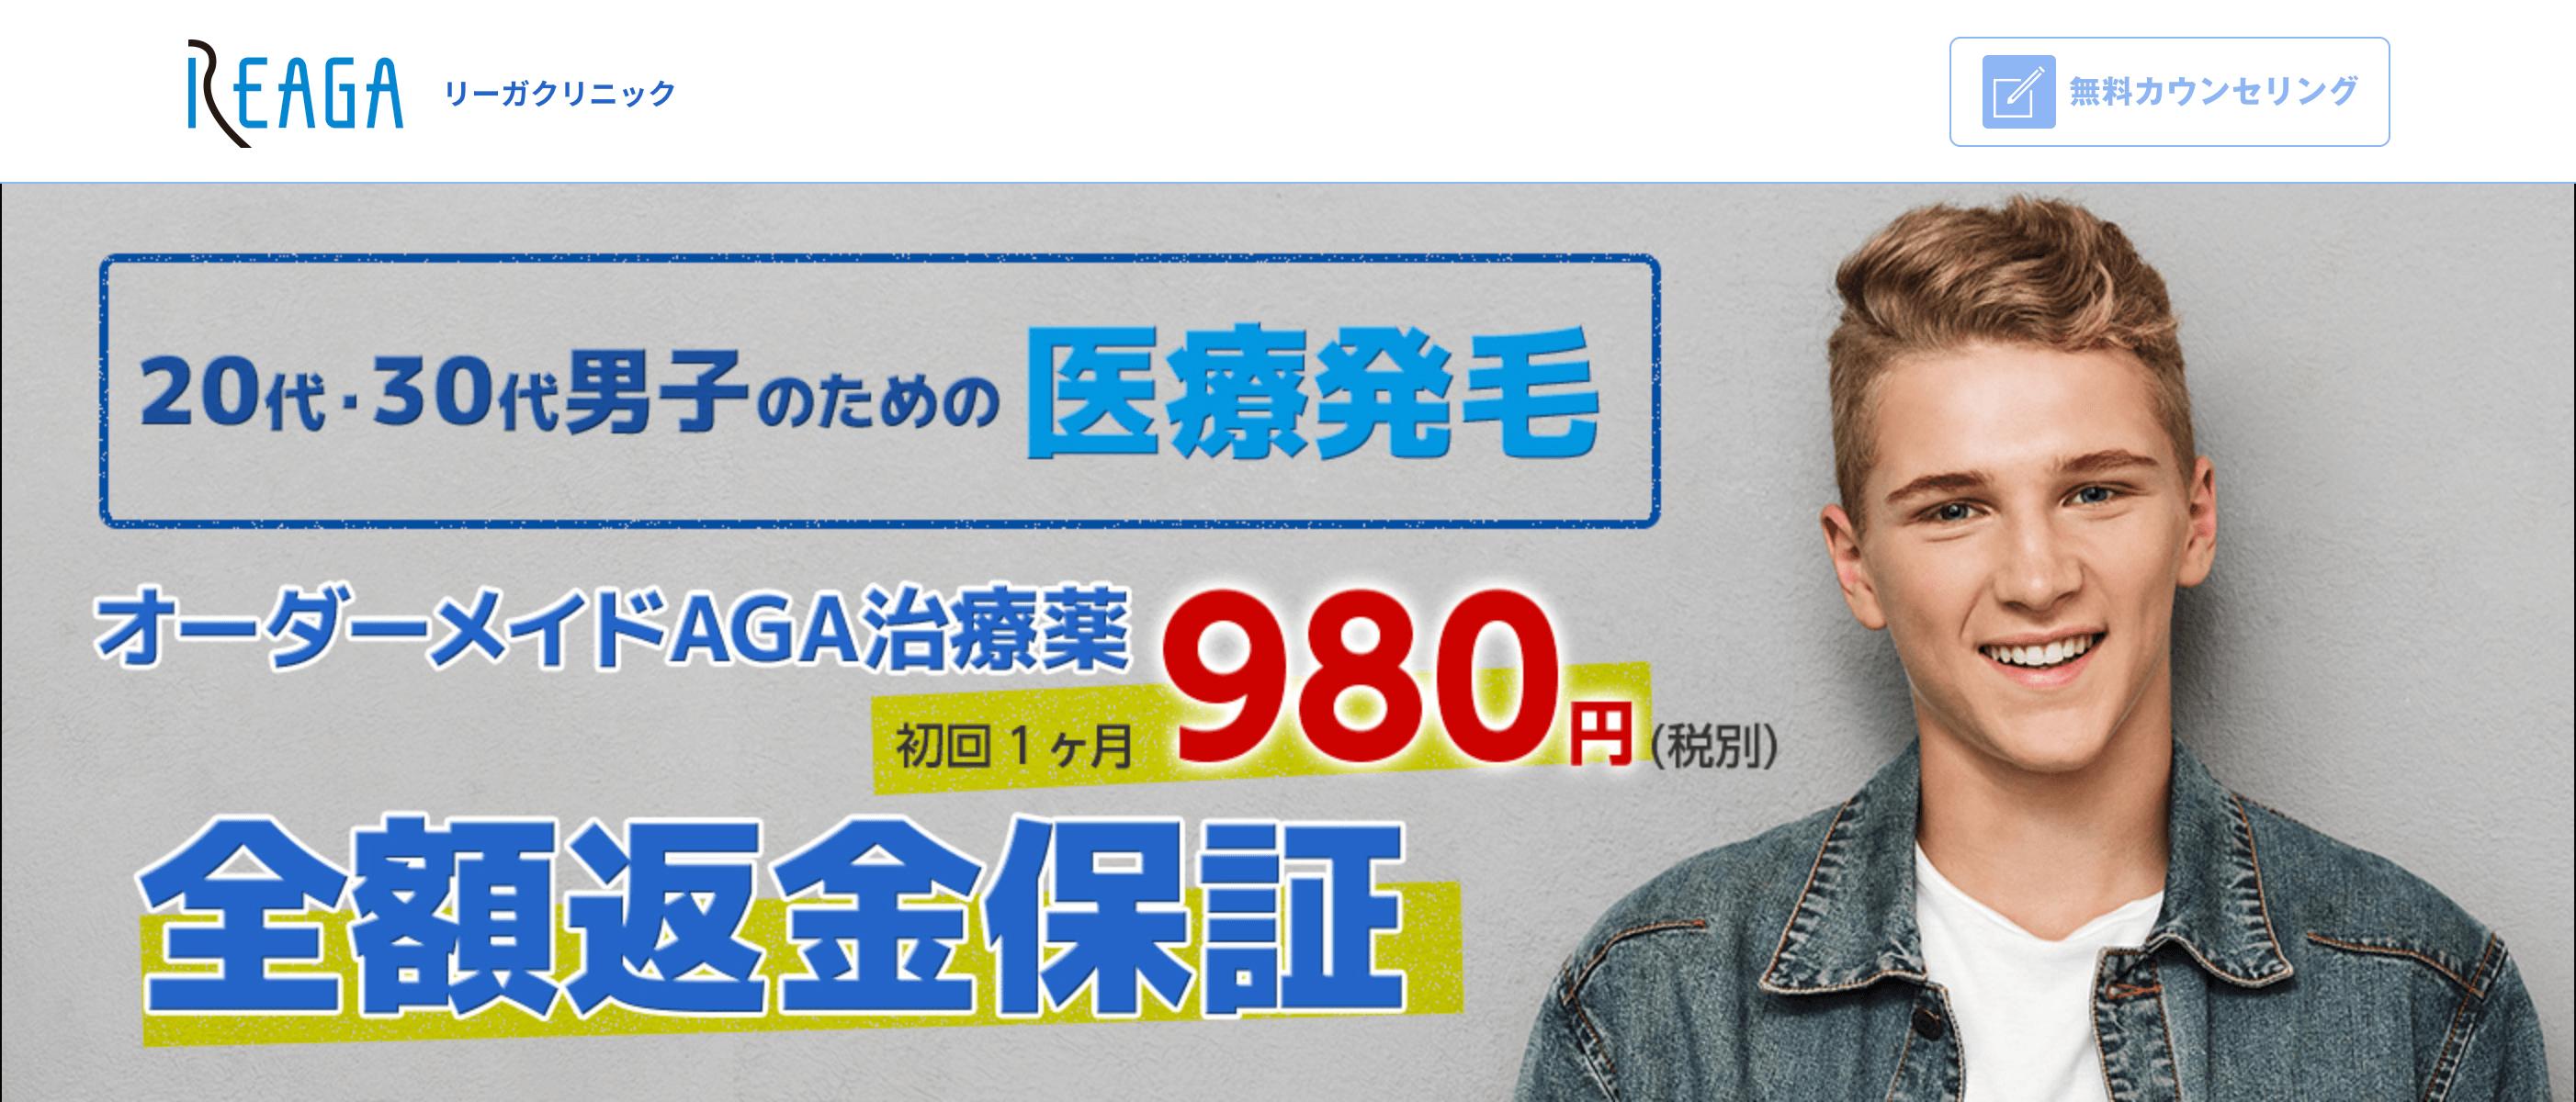 赤坂リーガクリニックの公式ページ